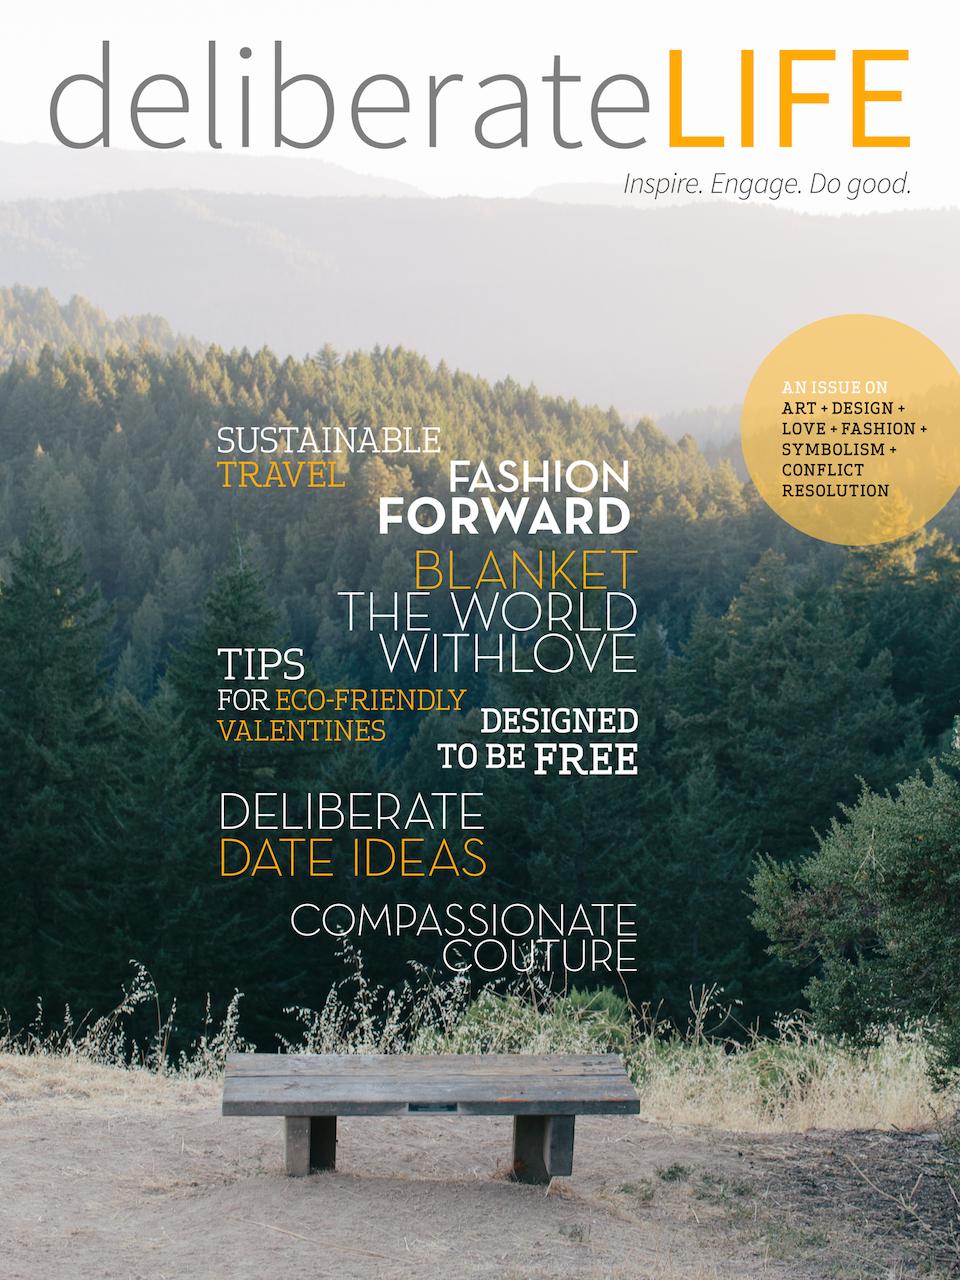 deiberateLIFE magazine_issue 2s.jpg